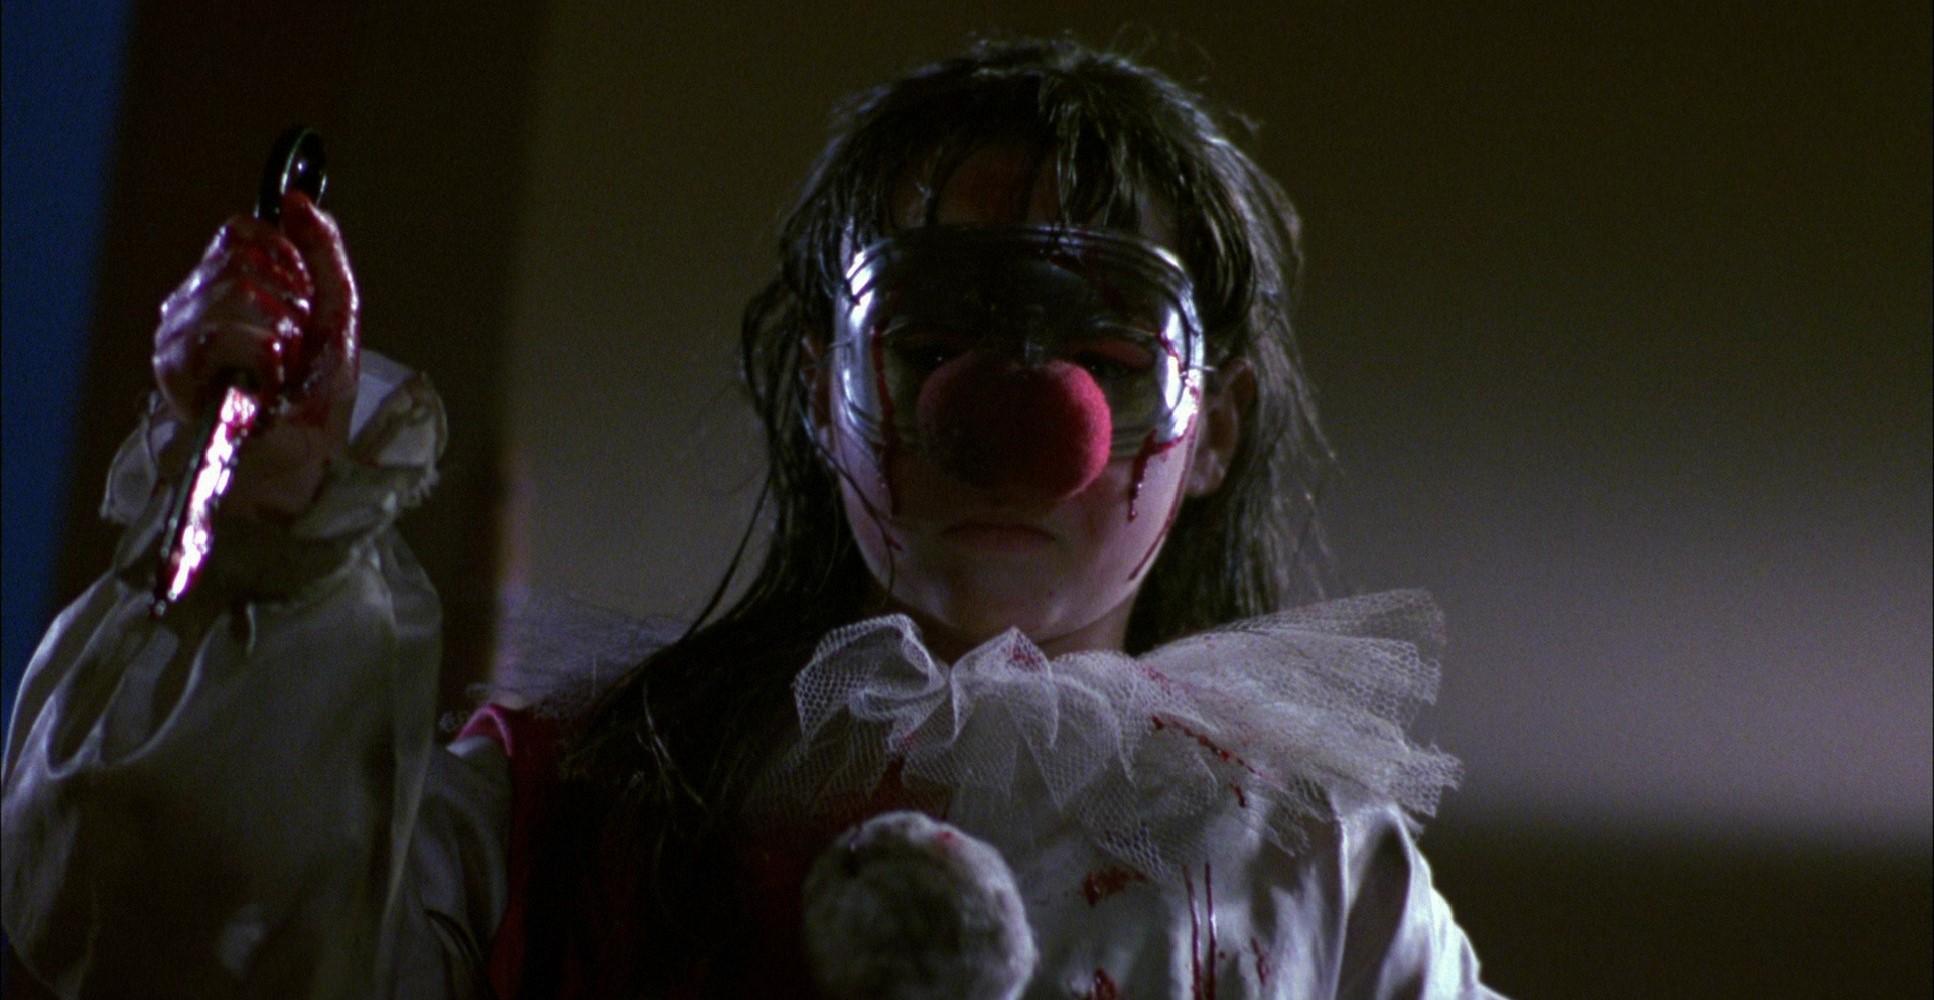 séquence finale de Halloween 4 (1988) de Dwight H. Little